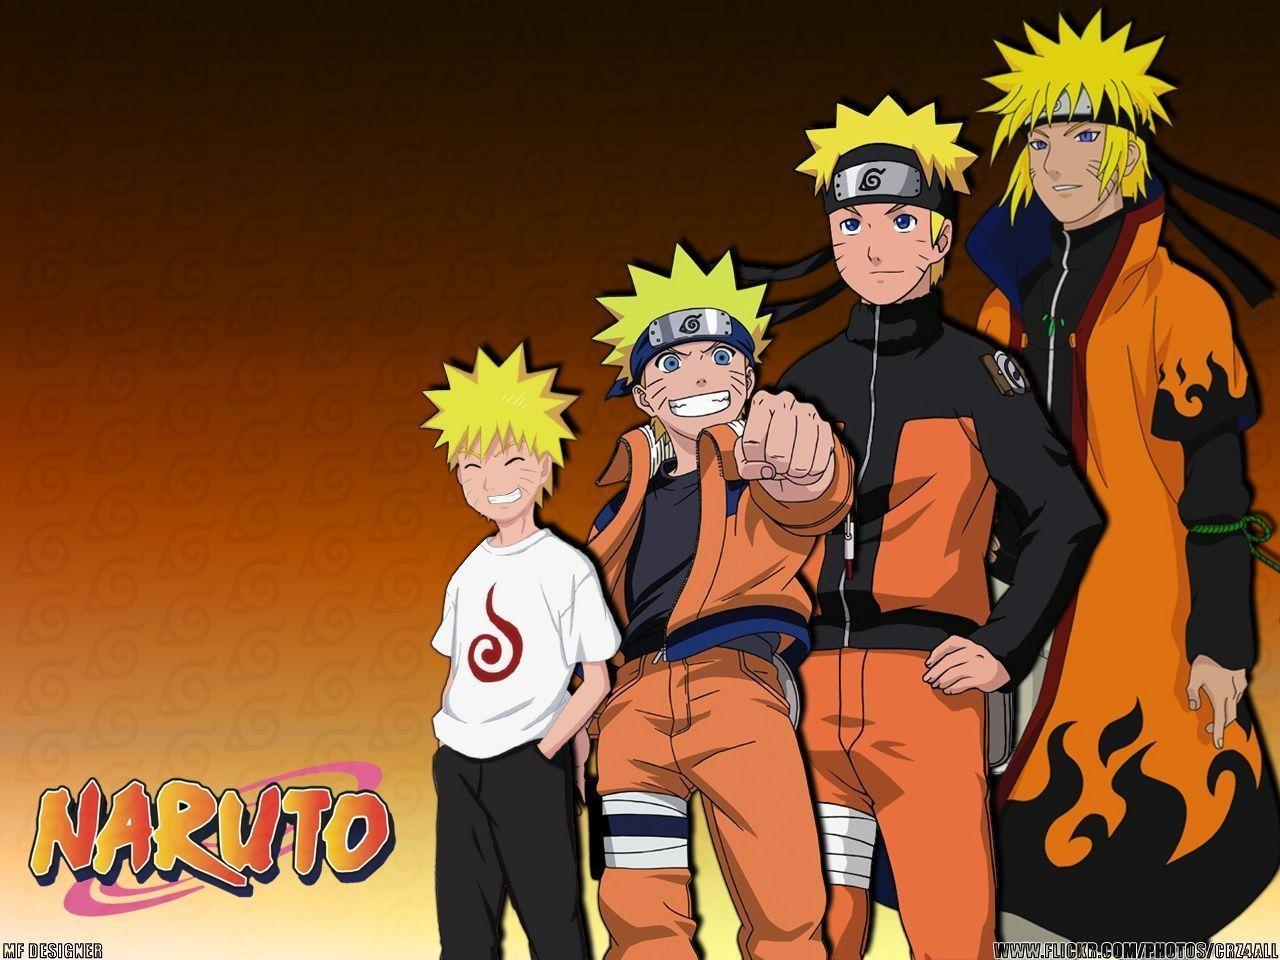 Hokage Naruto Wallpapers - Wallpaper Cave